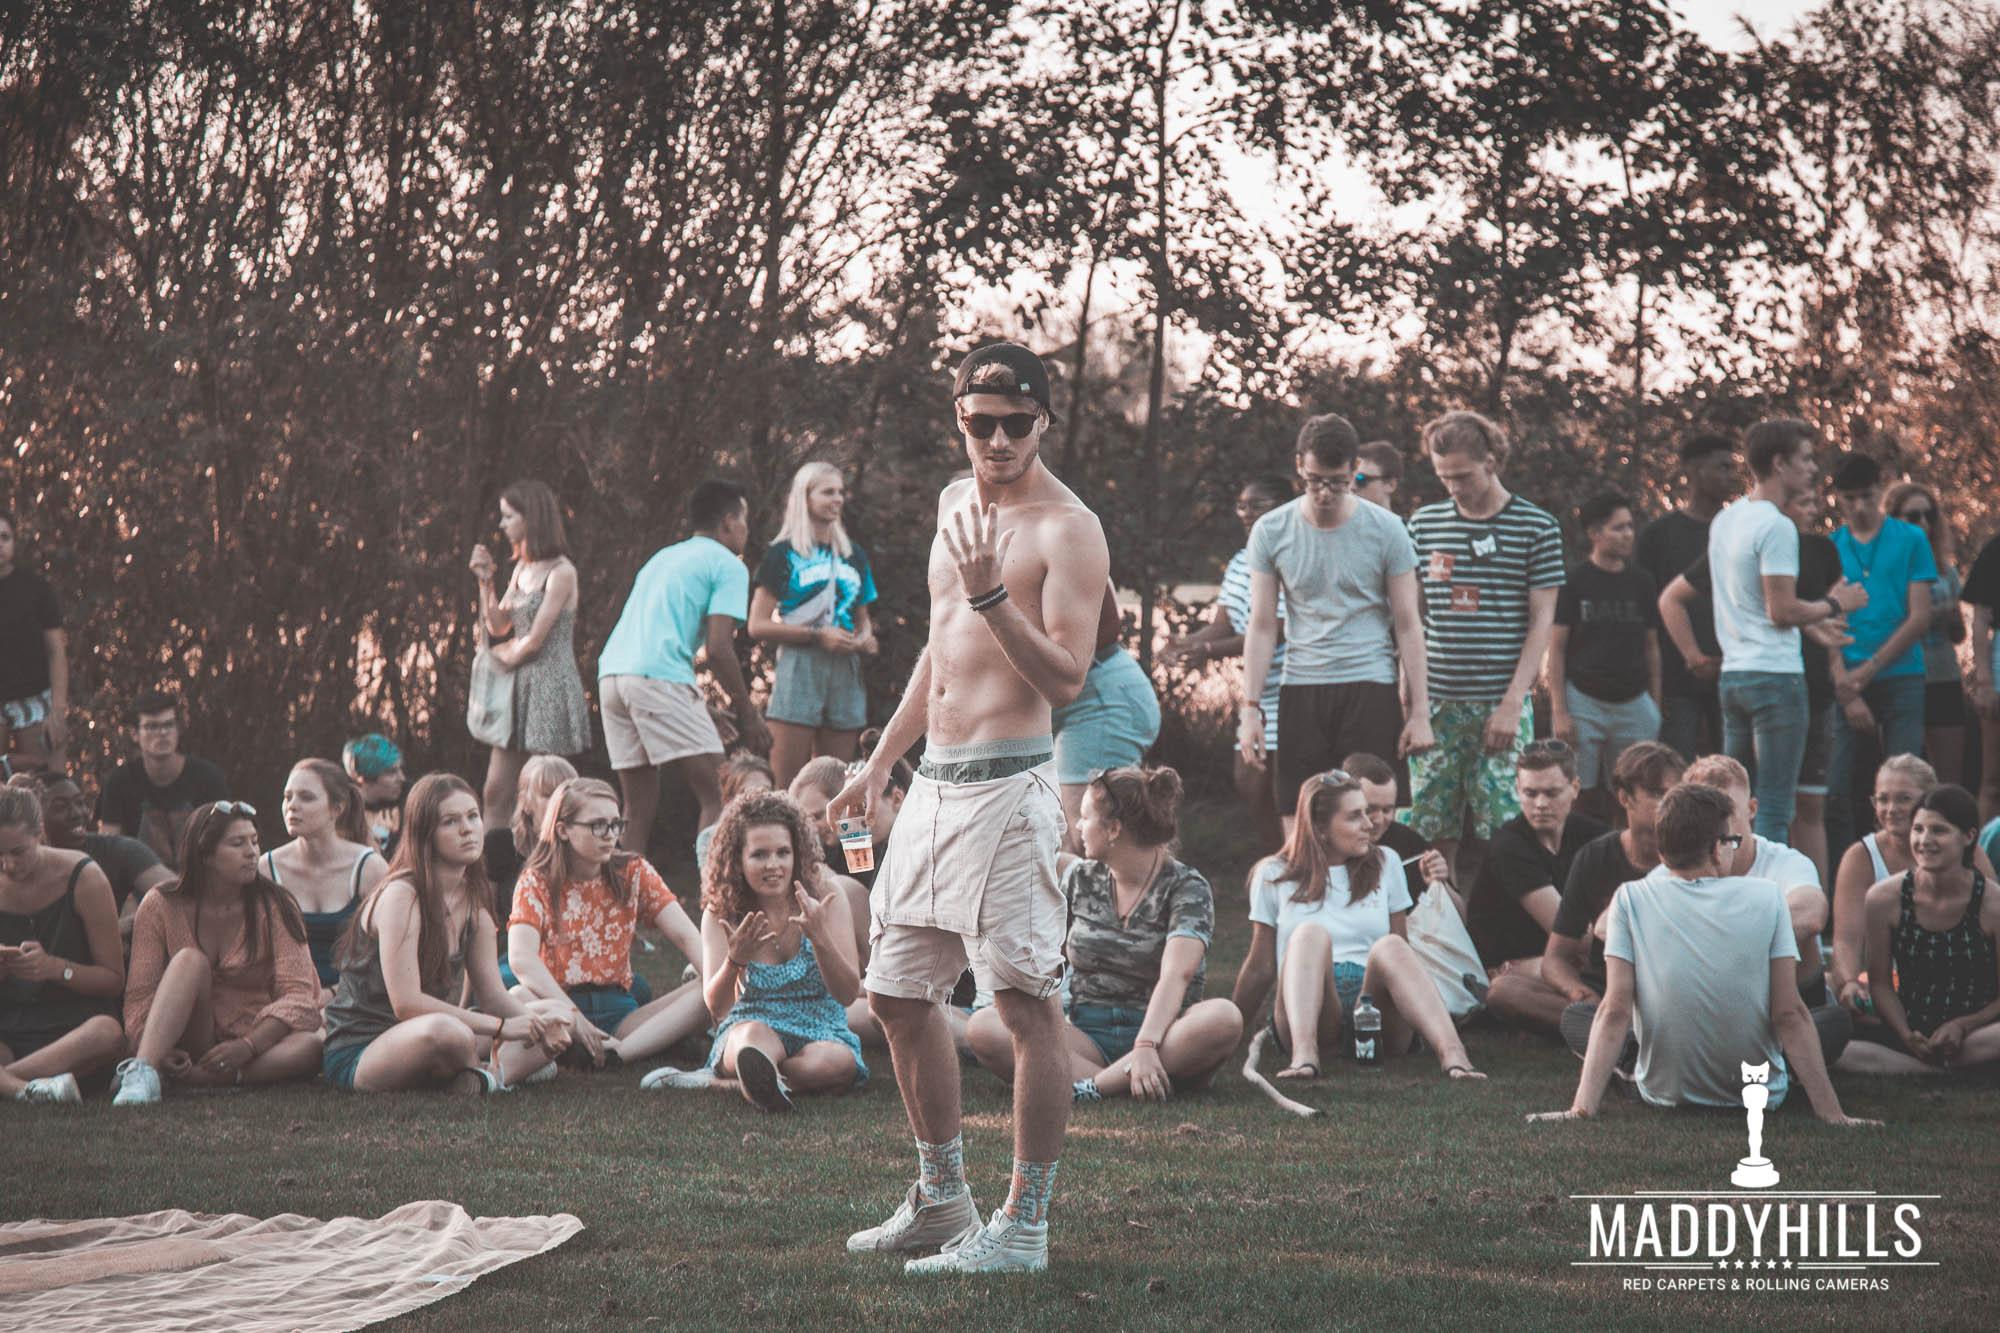 zaterdag2 nina maddyhills 2019 12 van 62